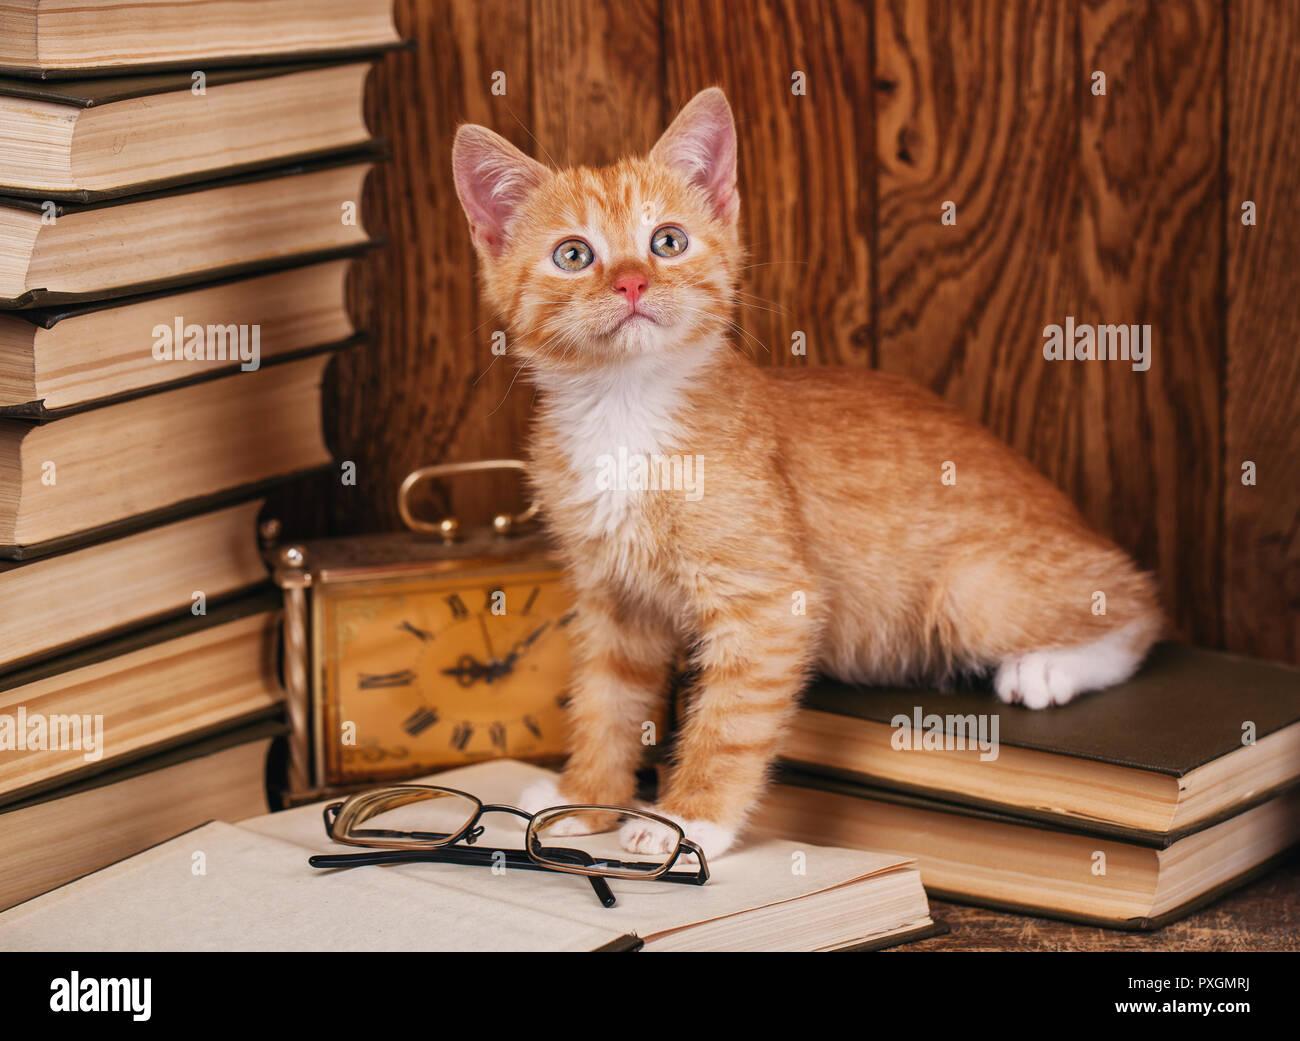 Kitty steht auf Bücher in der Nähe der Brille Stockbild